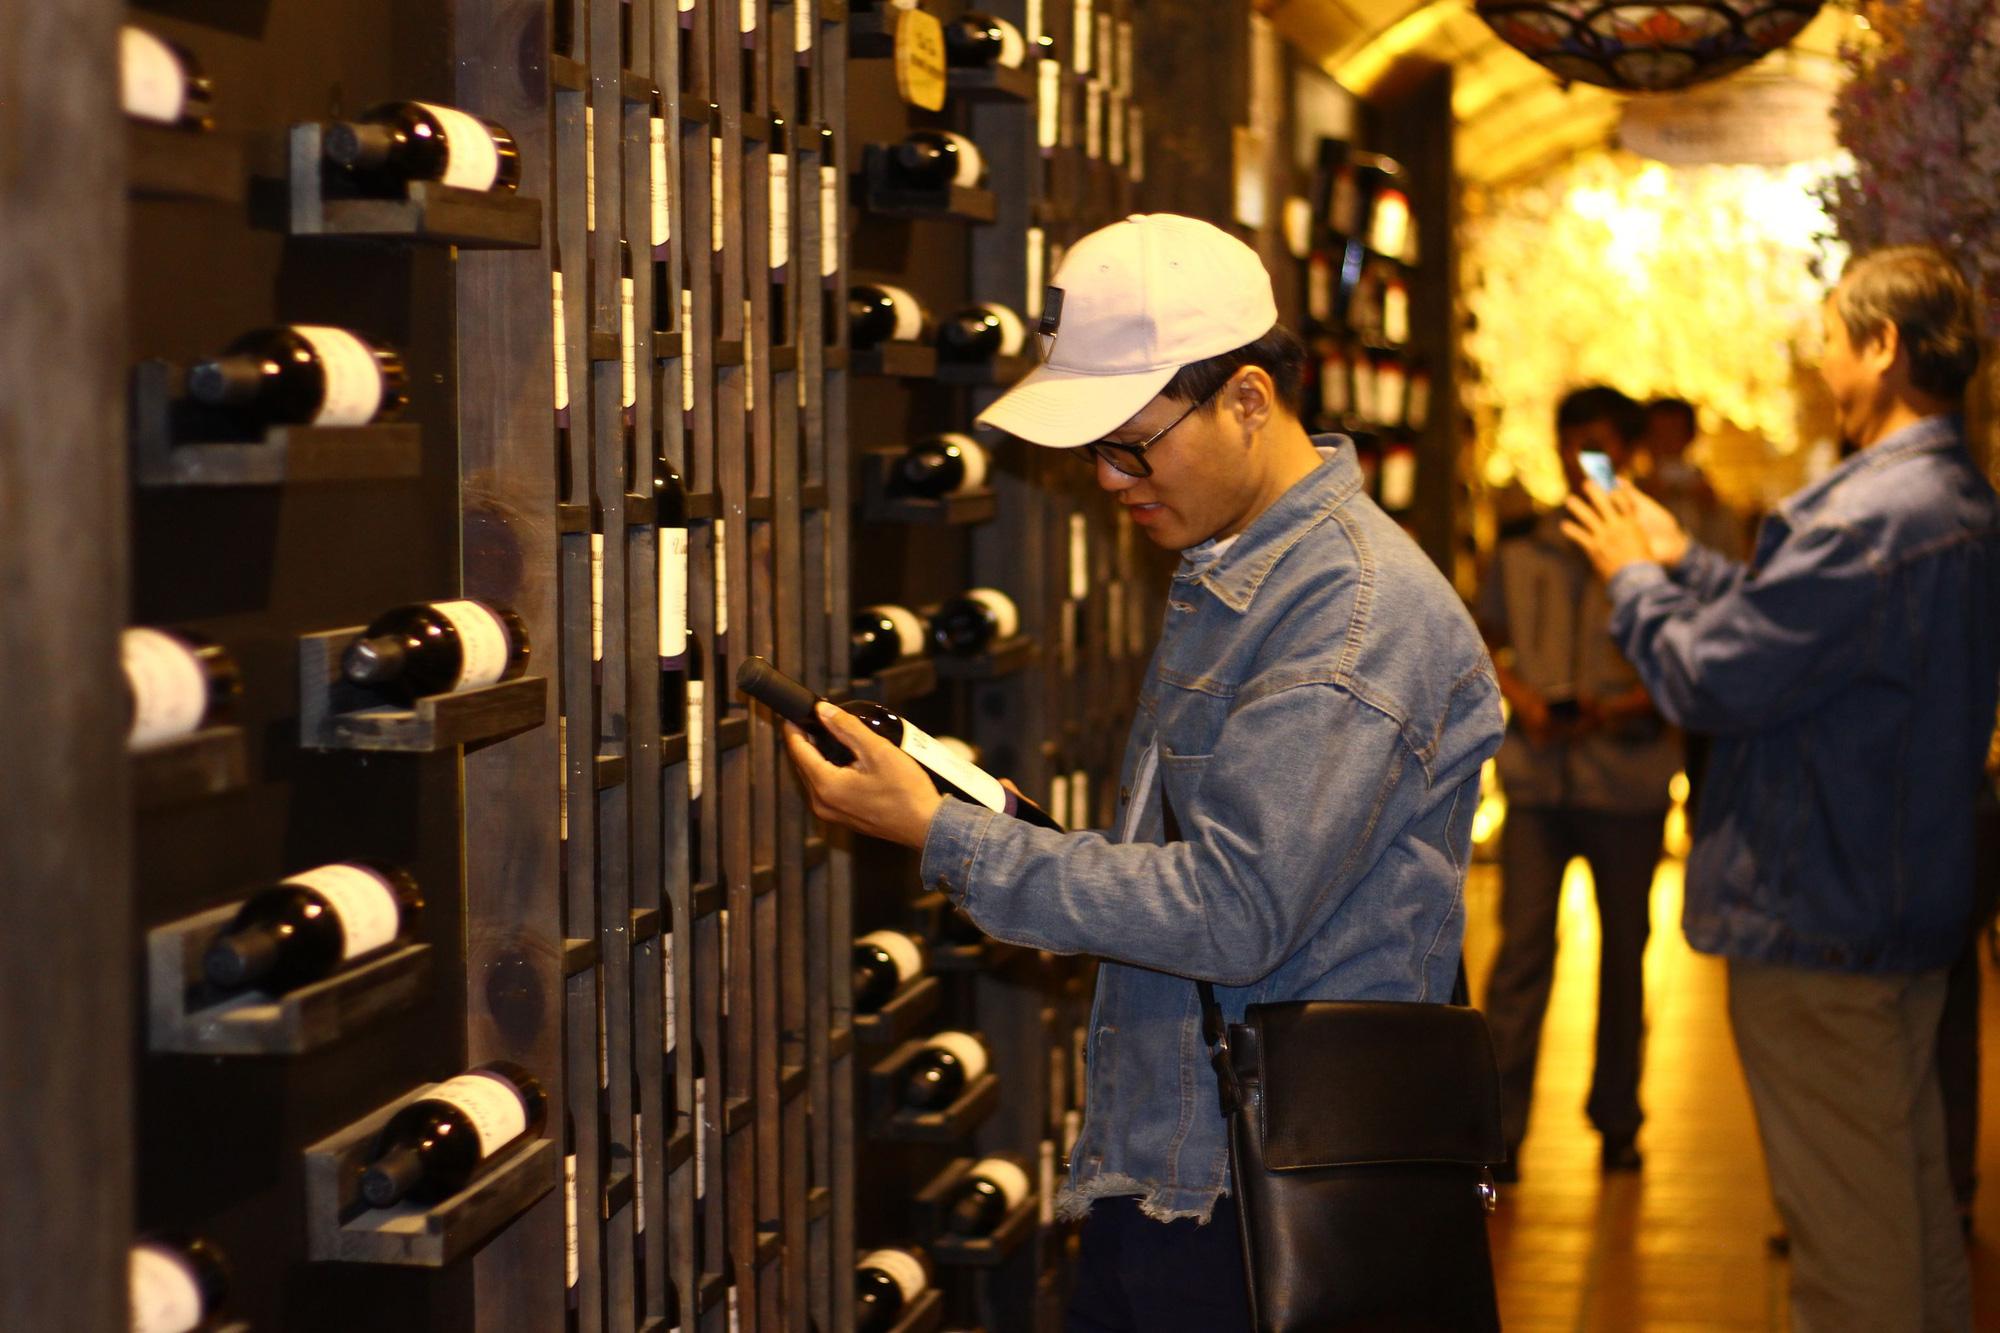 Tiết lộ khủng: Lâm Đồng sản xuất hơn 500.000 lít rượu thủ công năm 2020, tăng gần 350% so với cùng kỳ - Ảnh 2.